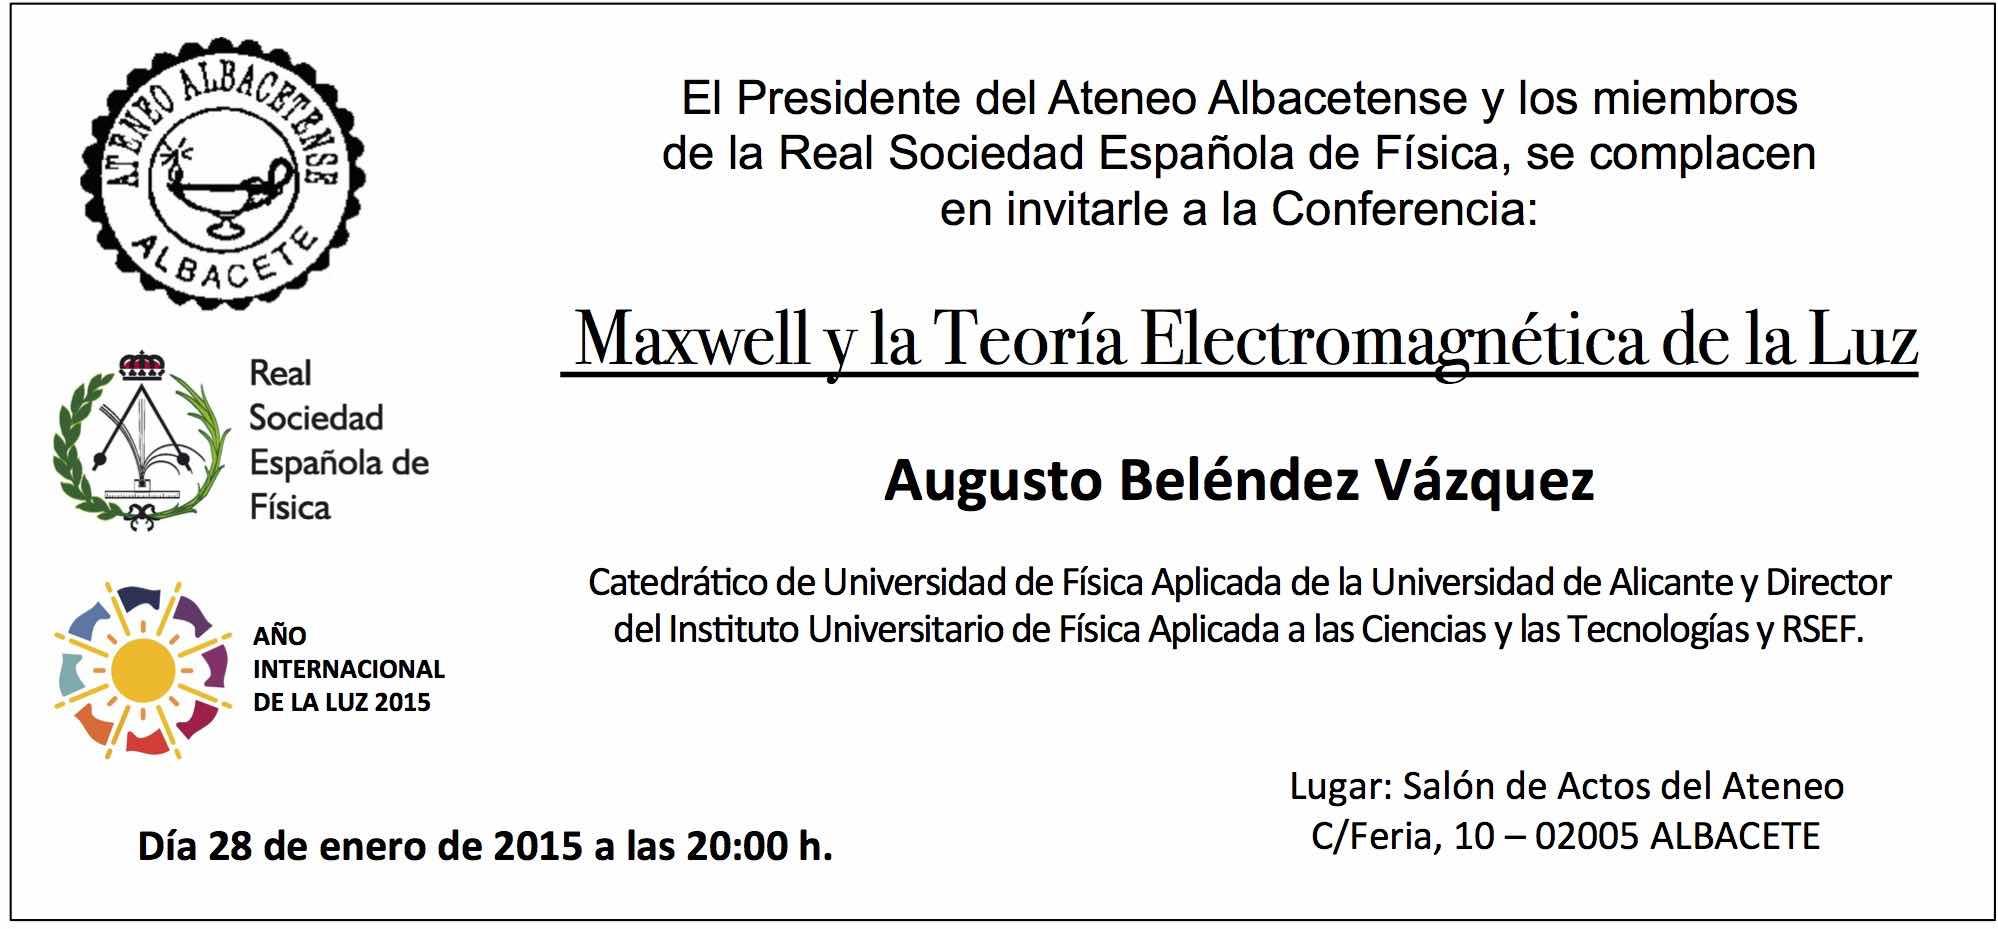 Conferencia-Maxwell-Ateneo-Albacete